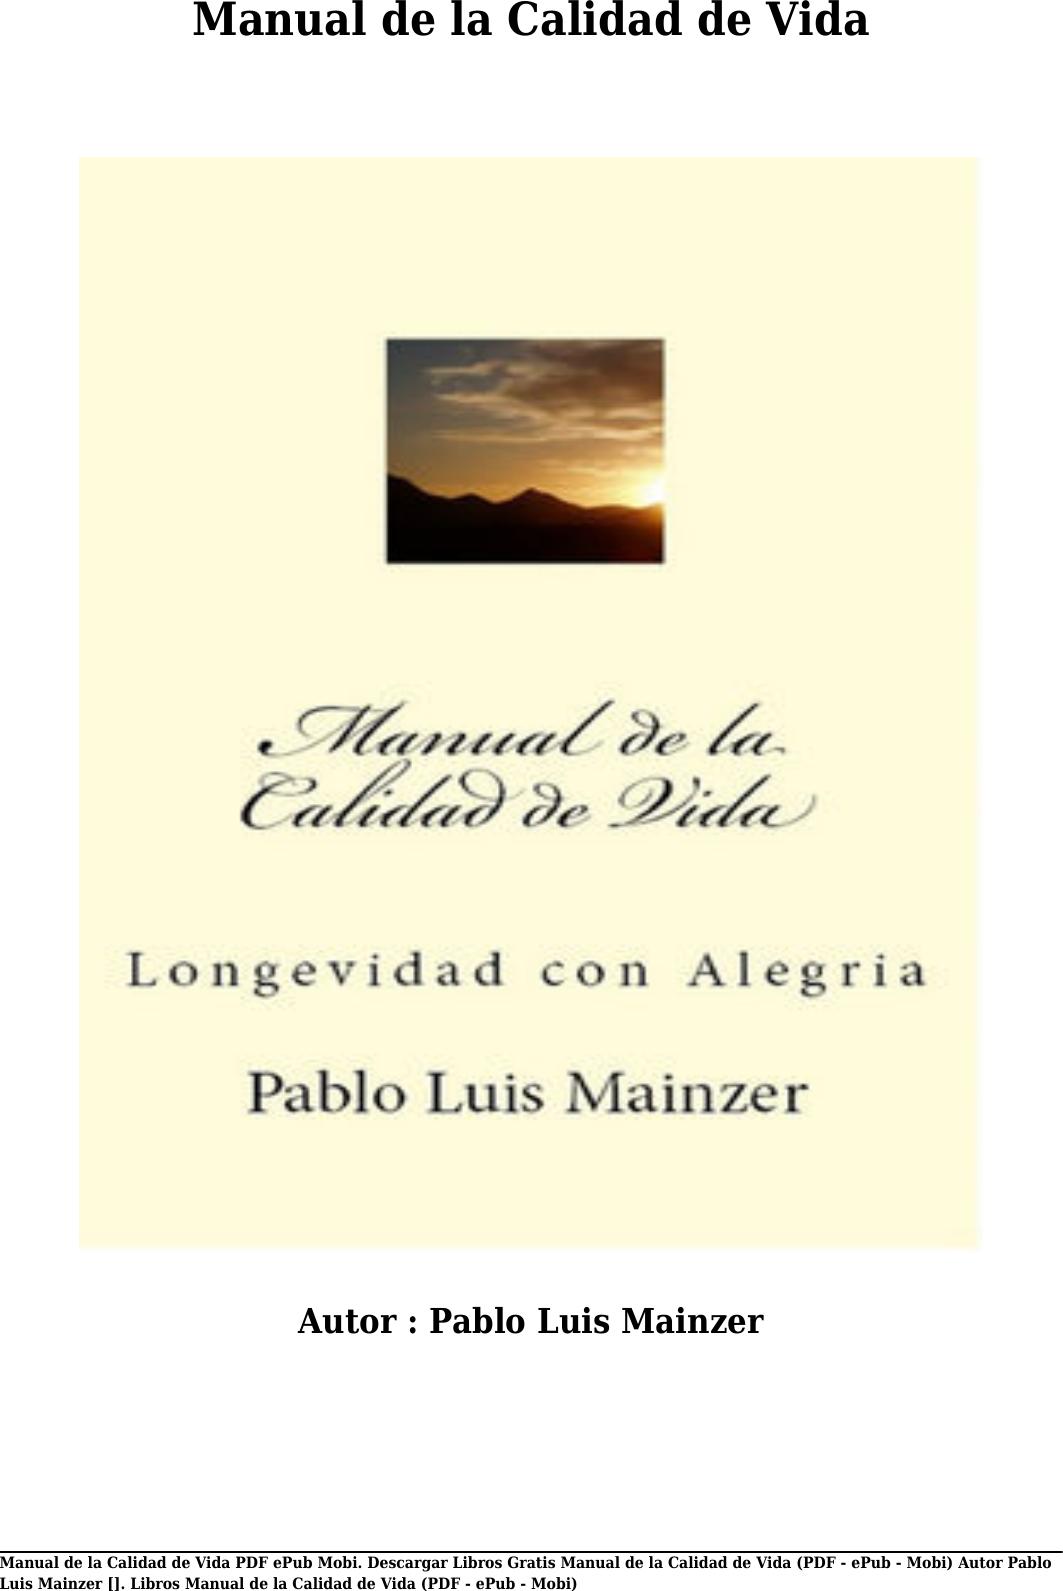 descargar libro no consigo adelgazar pdf download